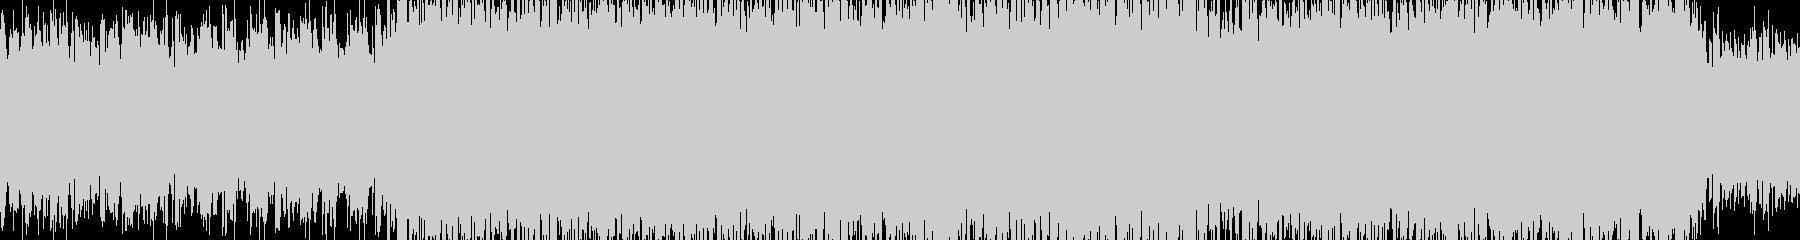 ギター/ピアノ/アコースティック/ループの未再生の波形